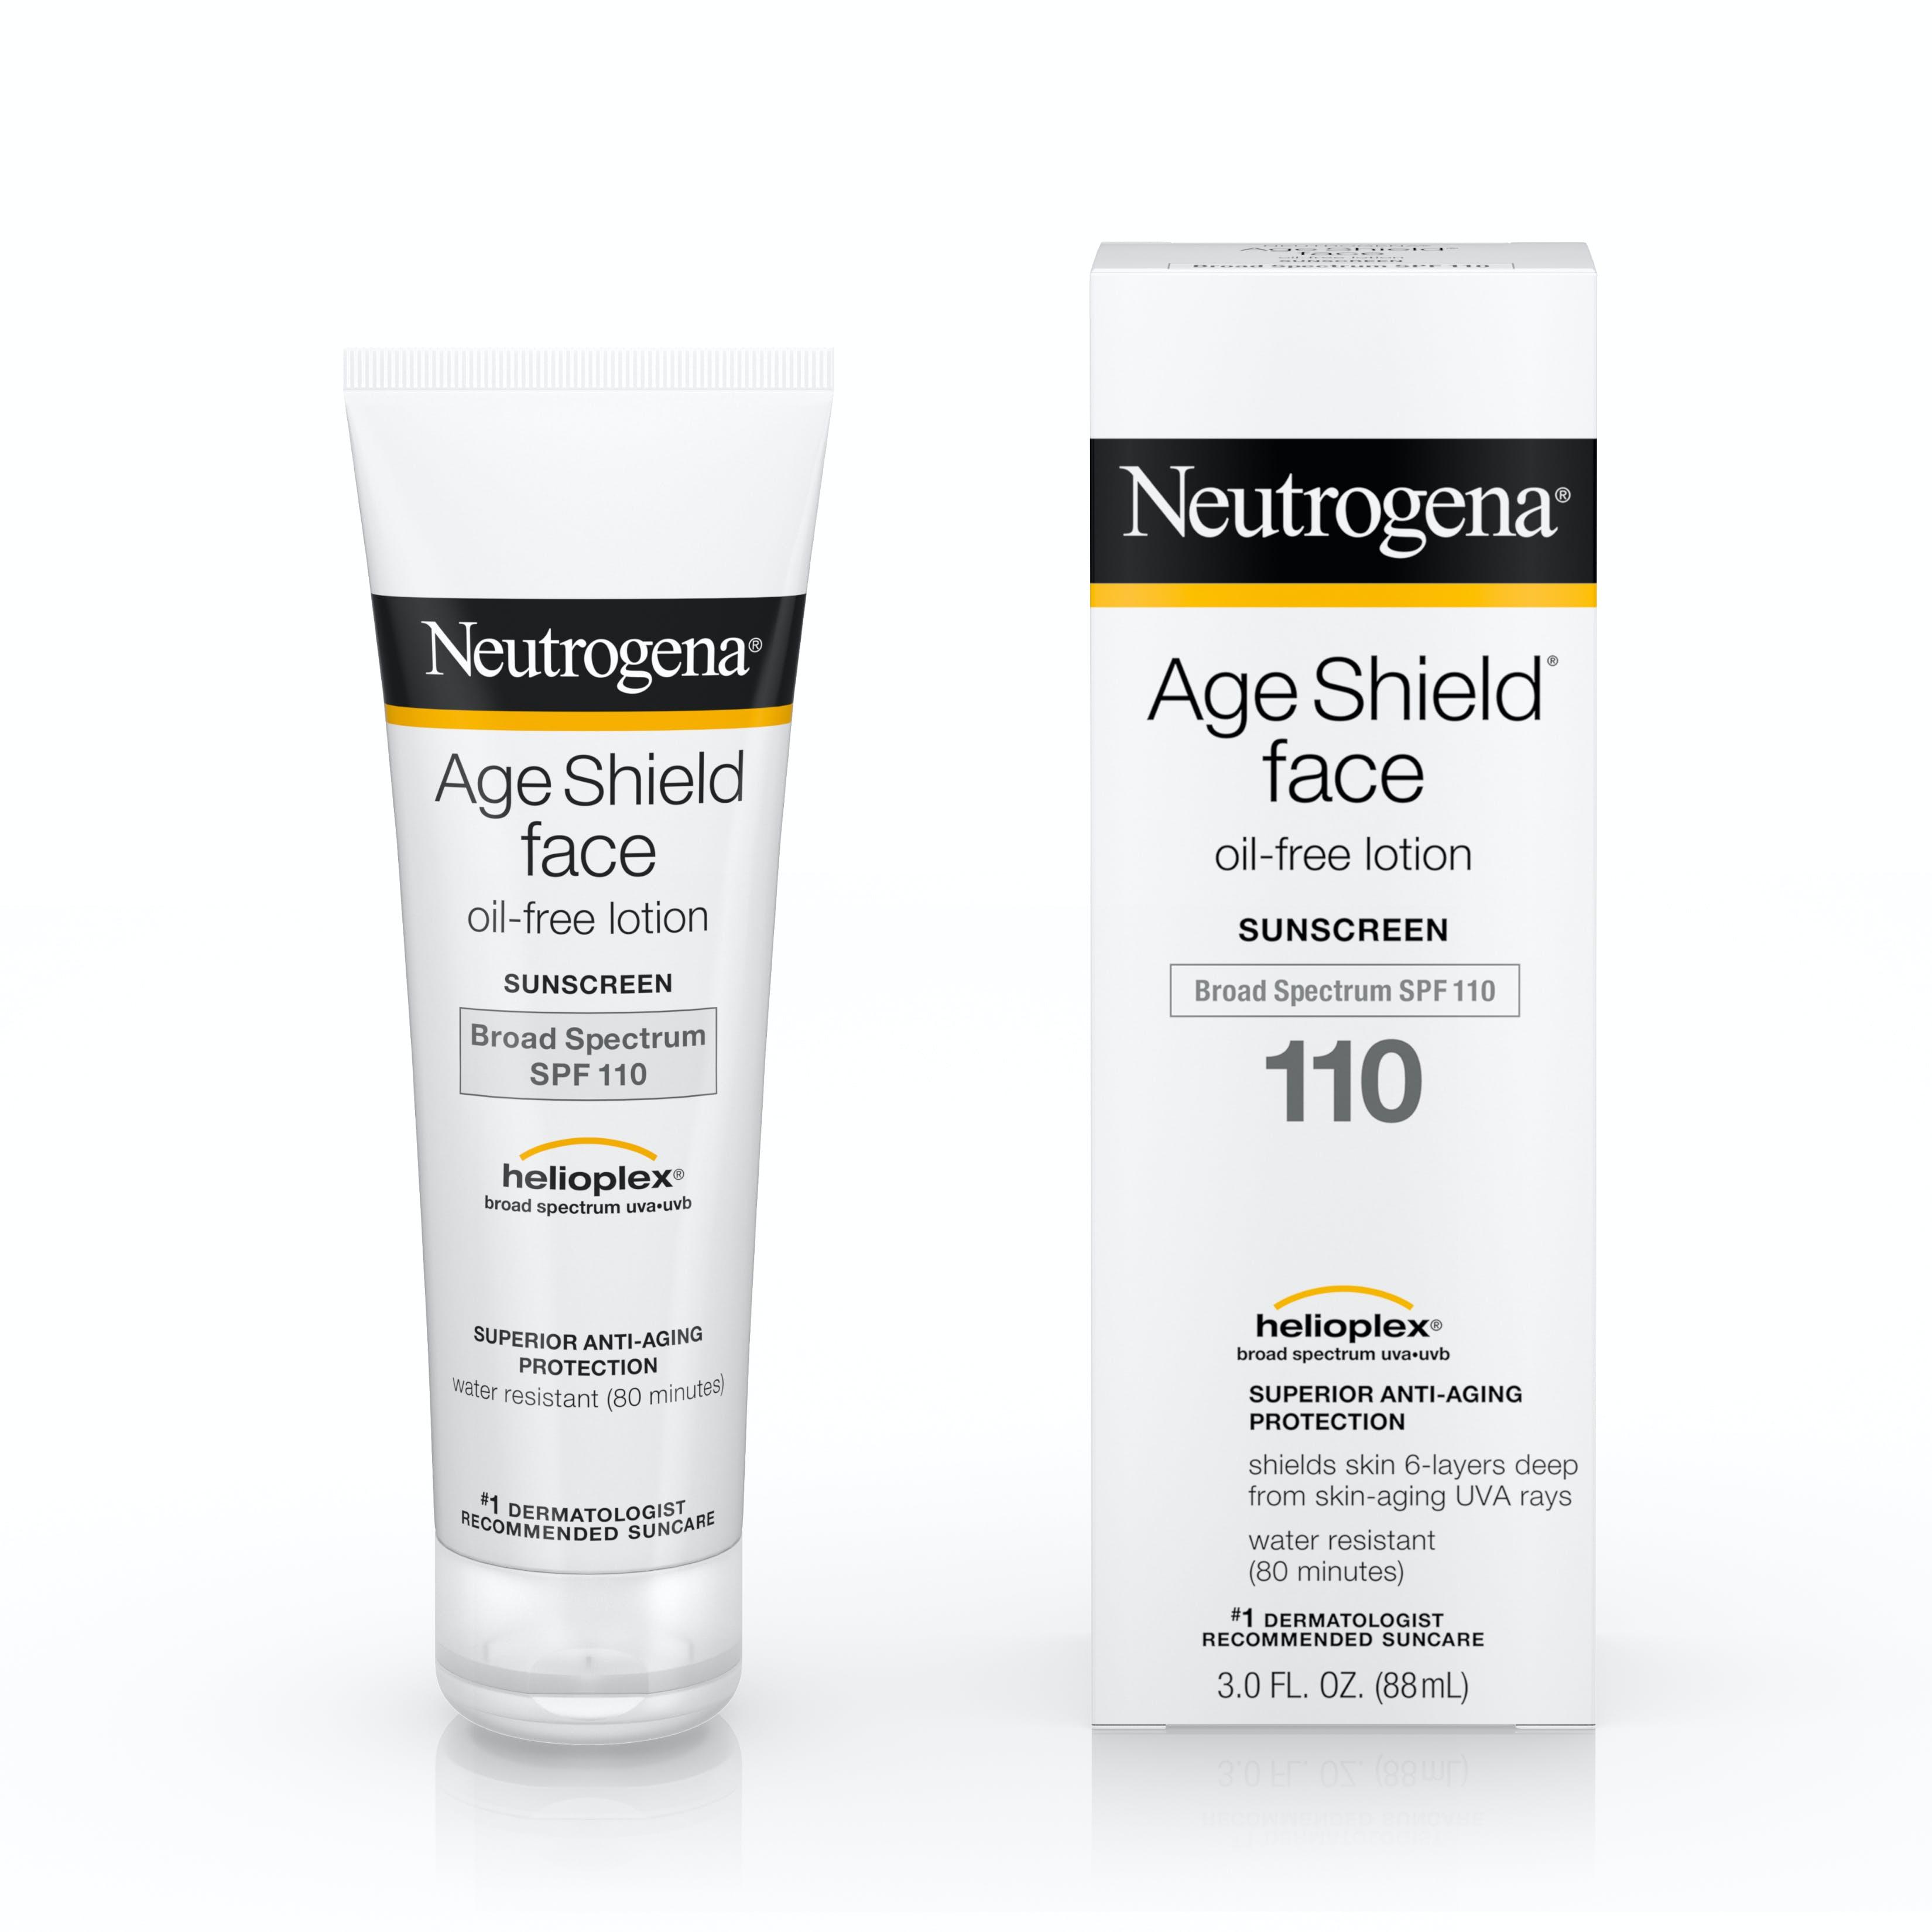 neutrogena age shield face